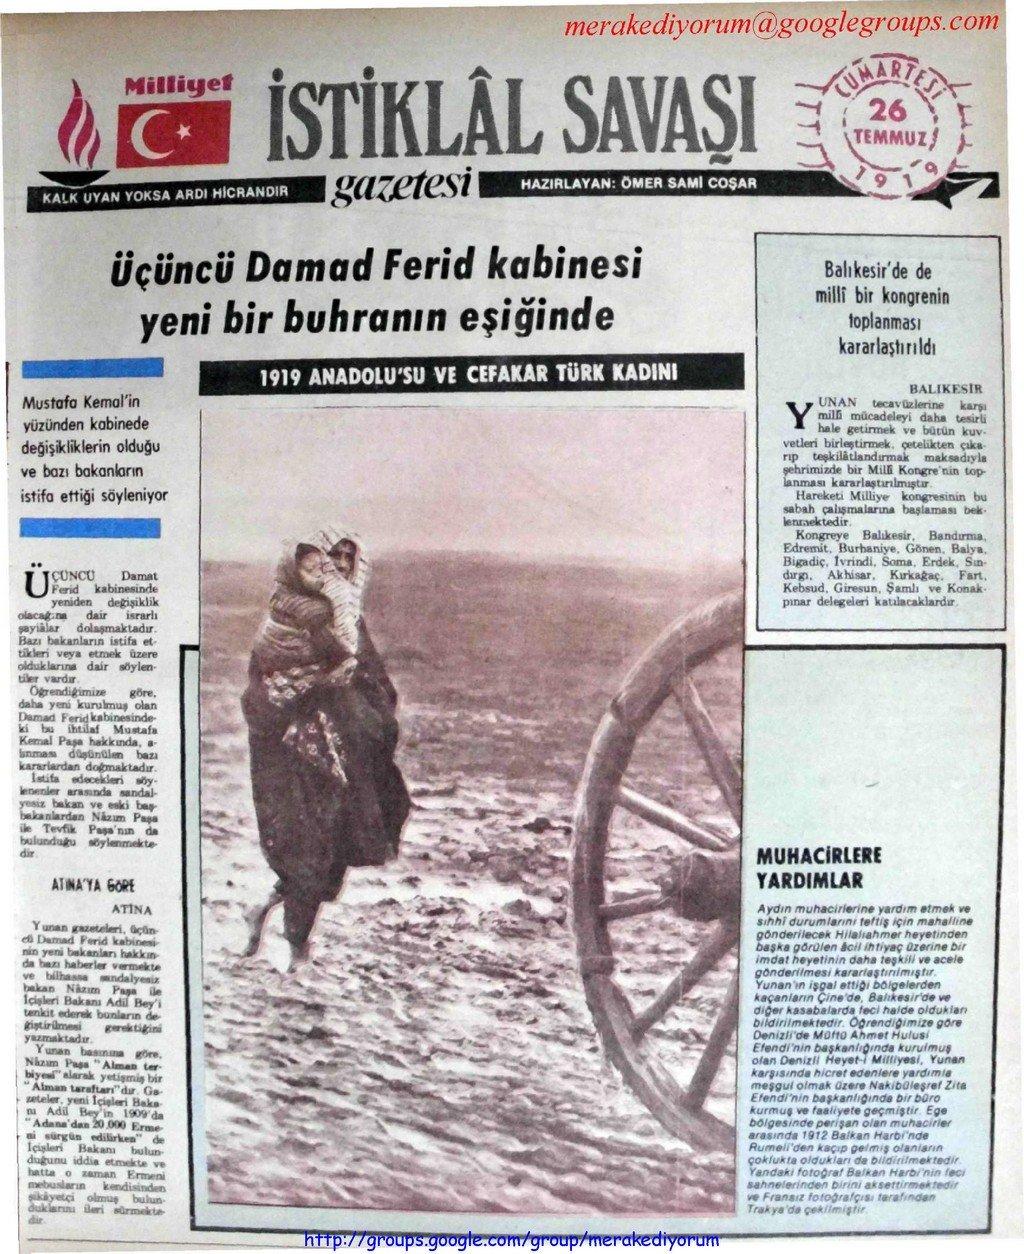 istiklal savaşı gazetesi - 26 temmuz 1919